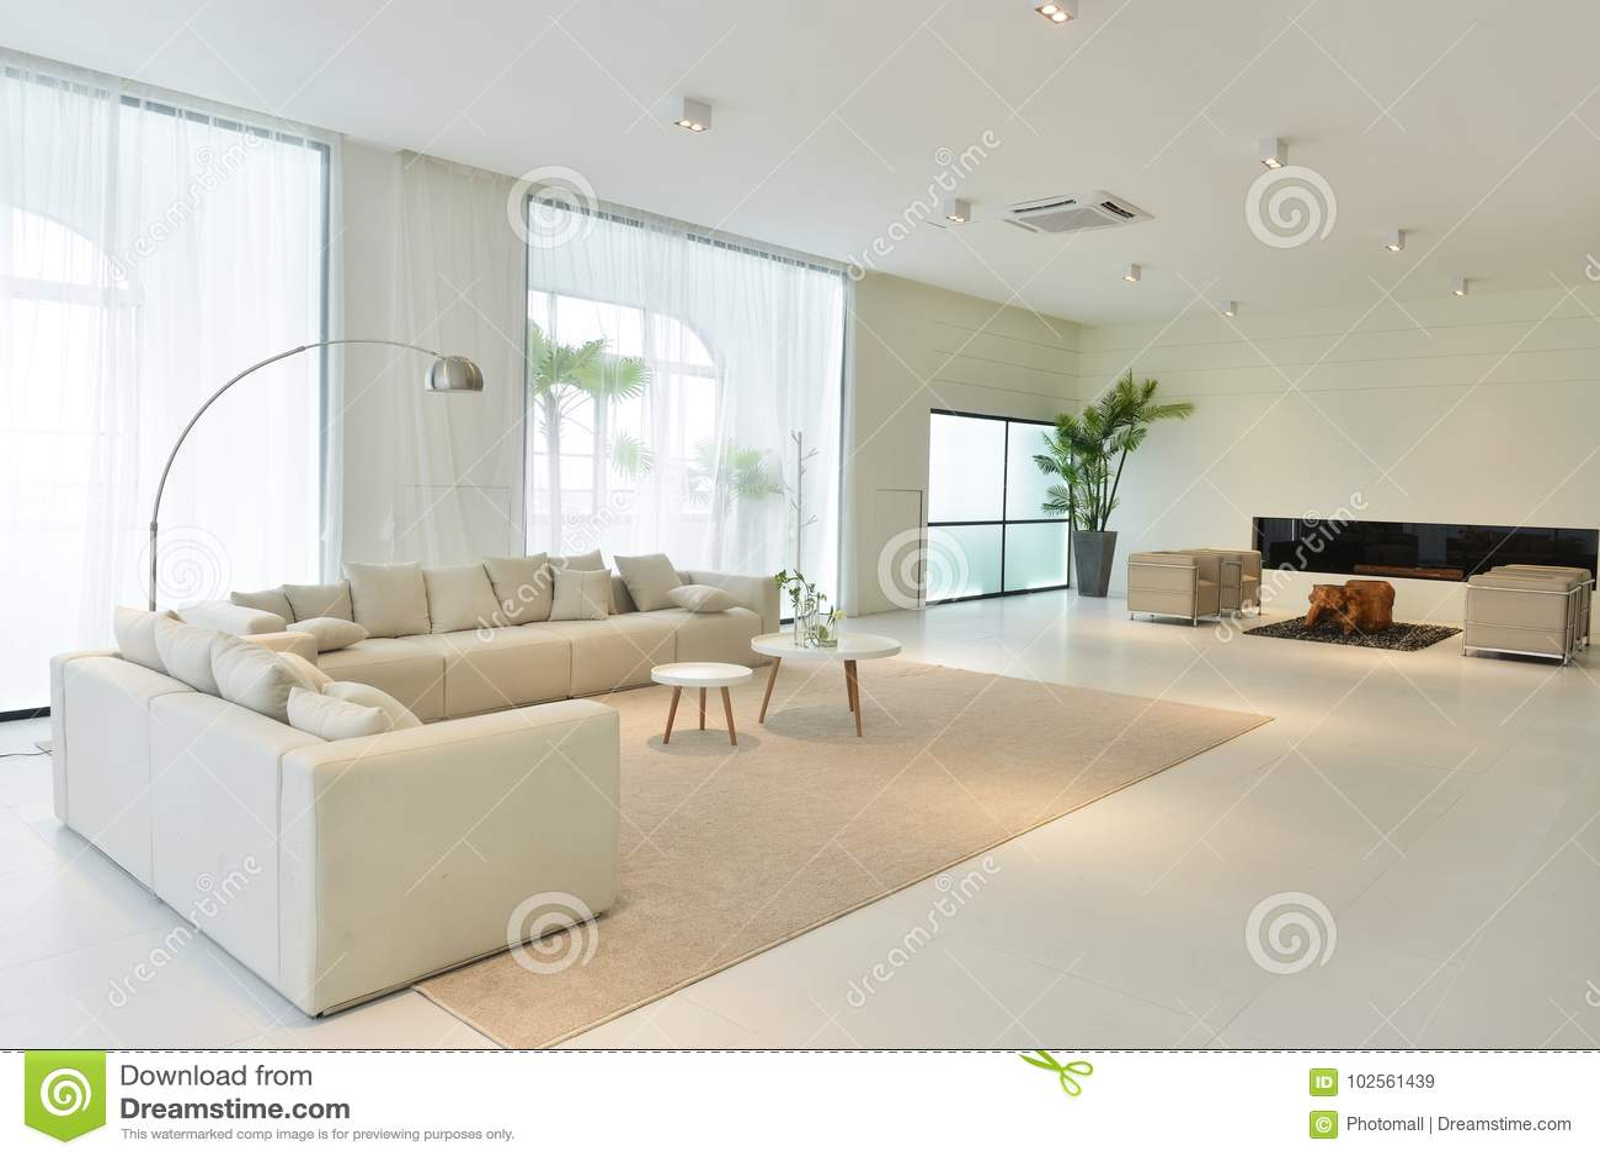 salon de maison moderne image stock